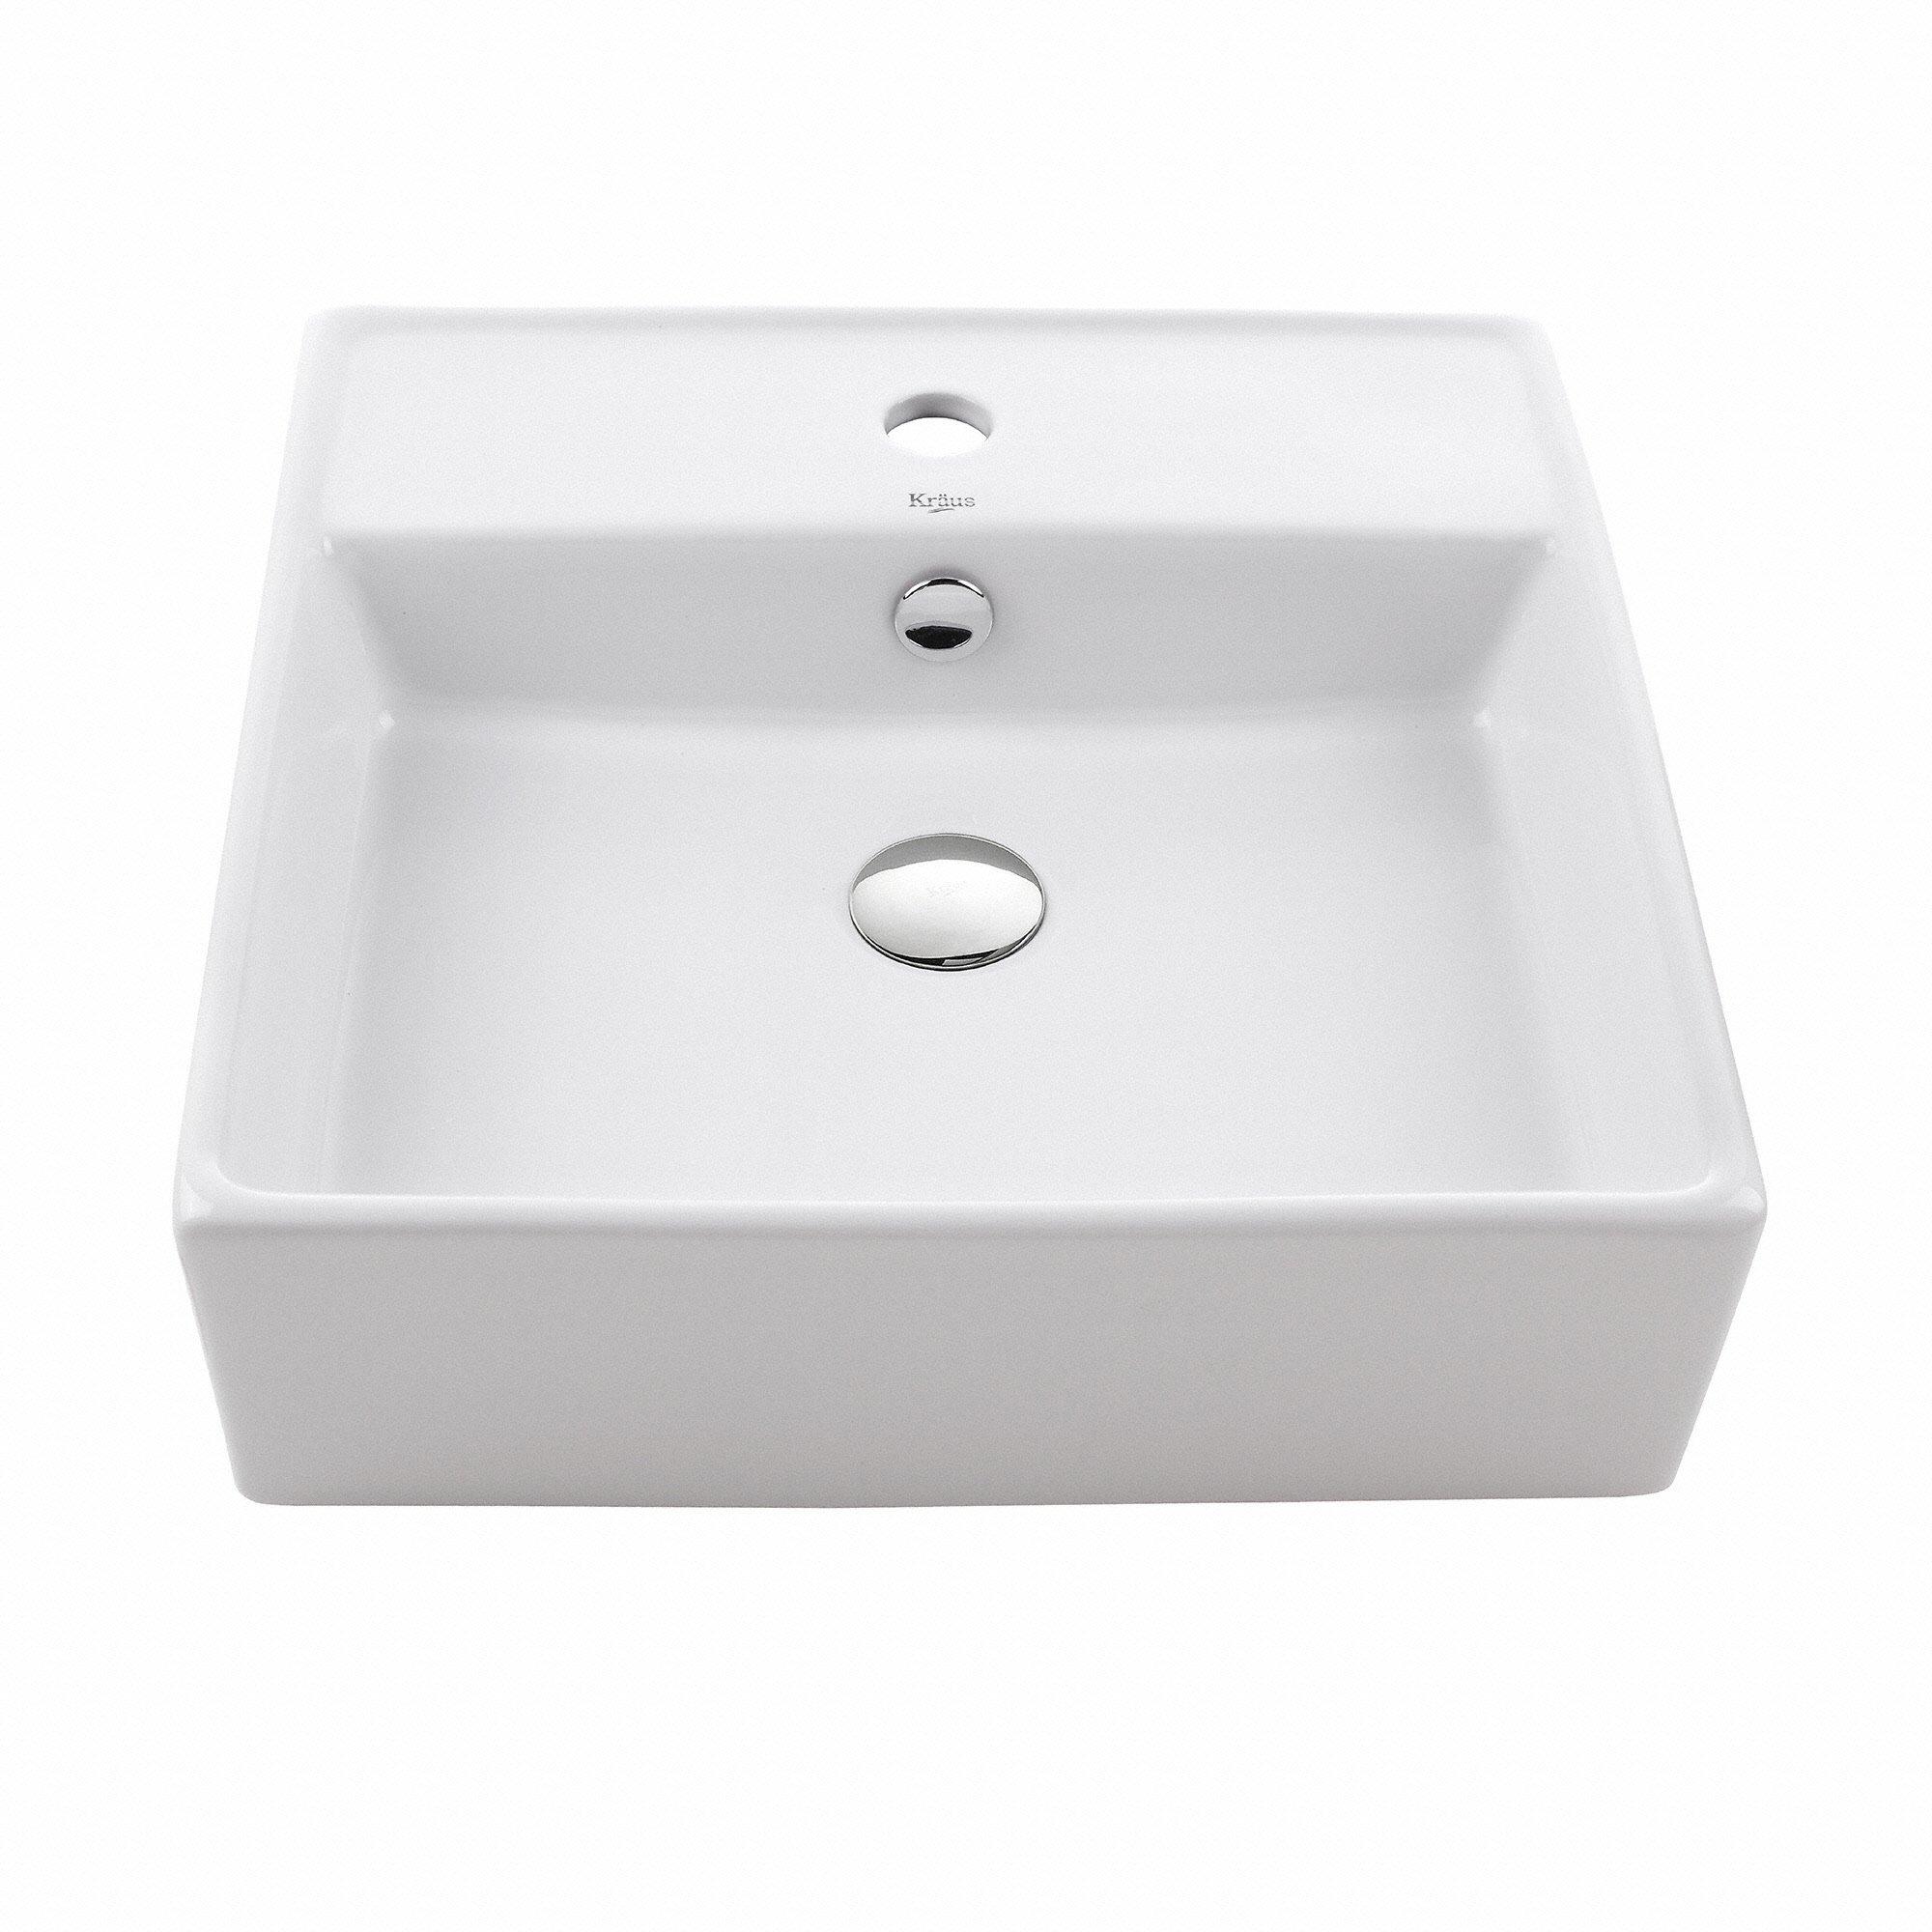 Kraus KCV-150 White Square Ceramic Bathroom Sink by Kraus